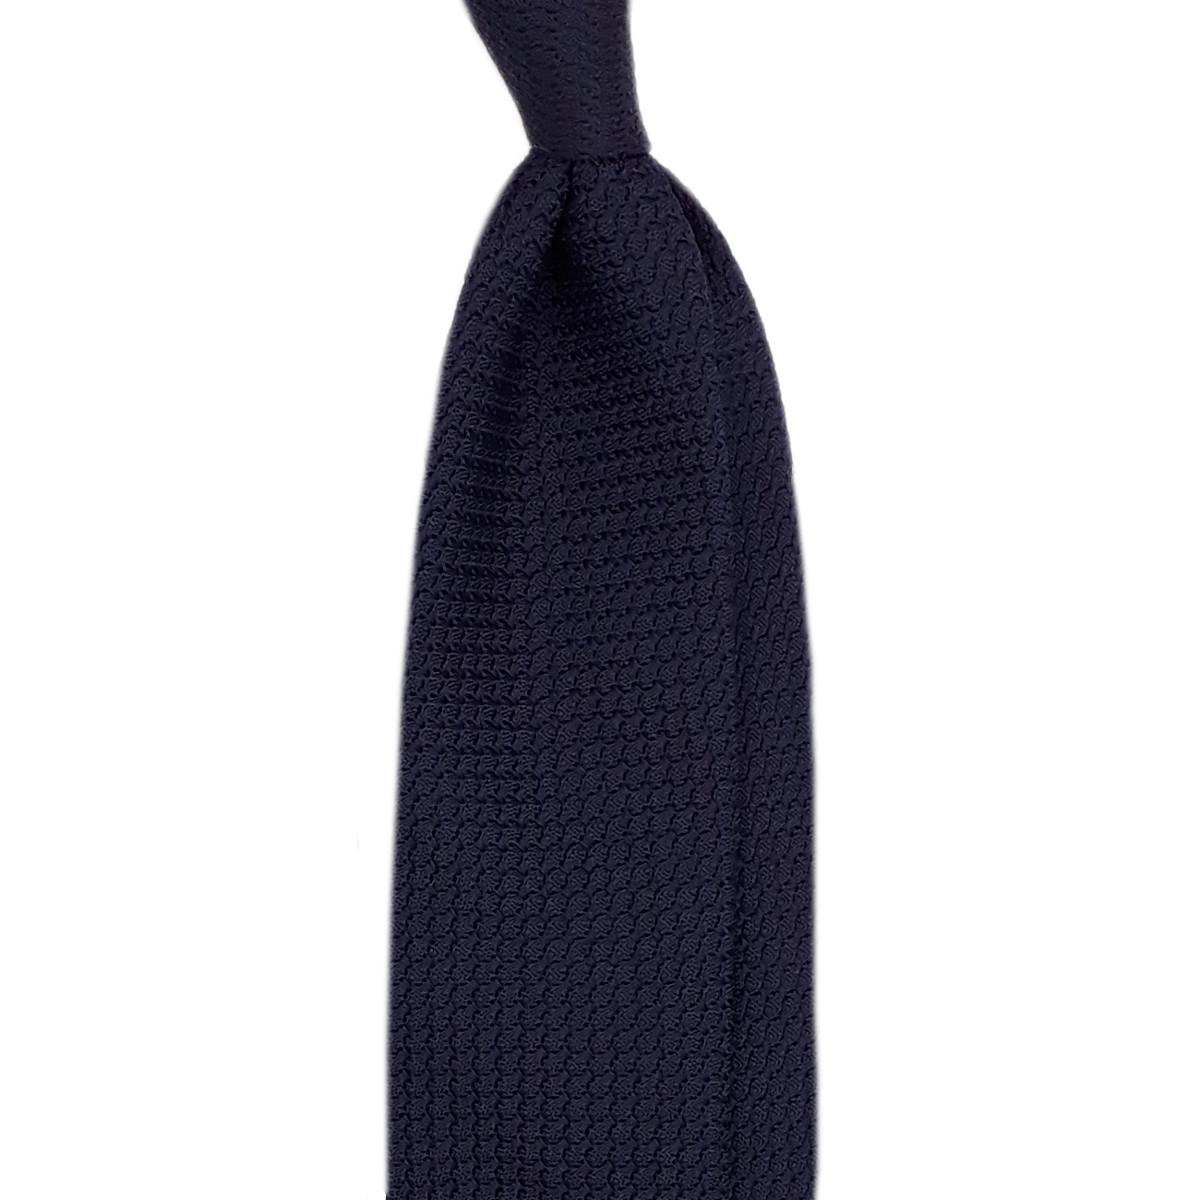 Cravate bleu foncé grenadine de soie